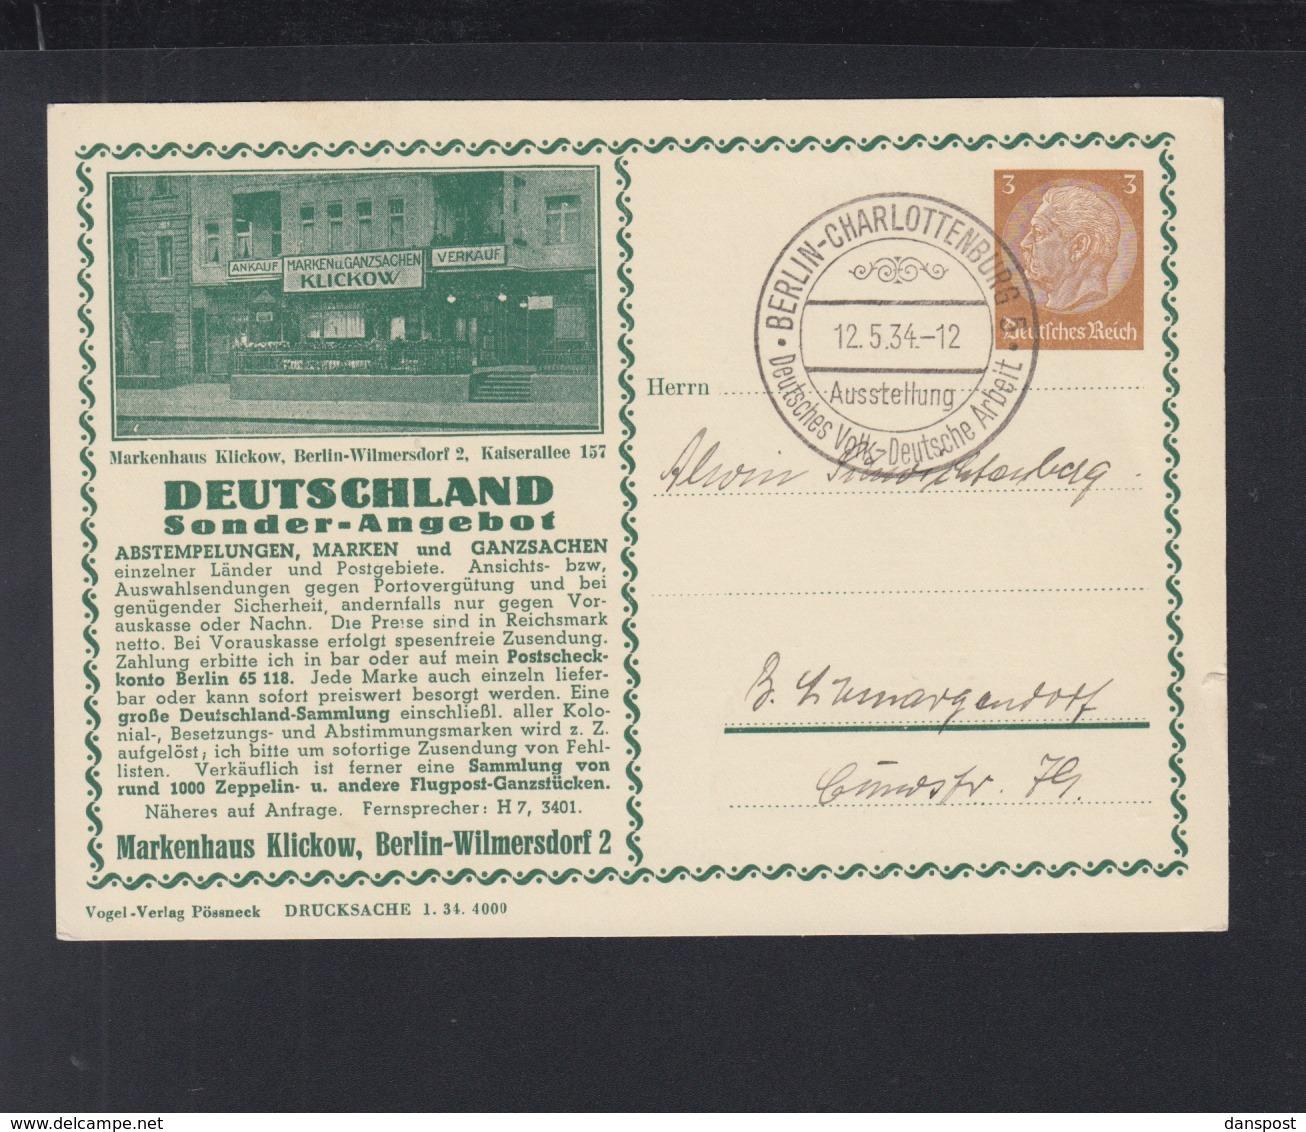 Dt. Reich Bild-PK Markenhandlung Klikow 1935 (3) - Germania